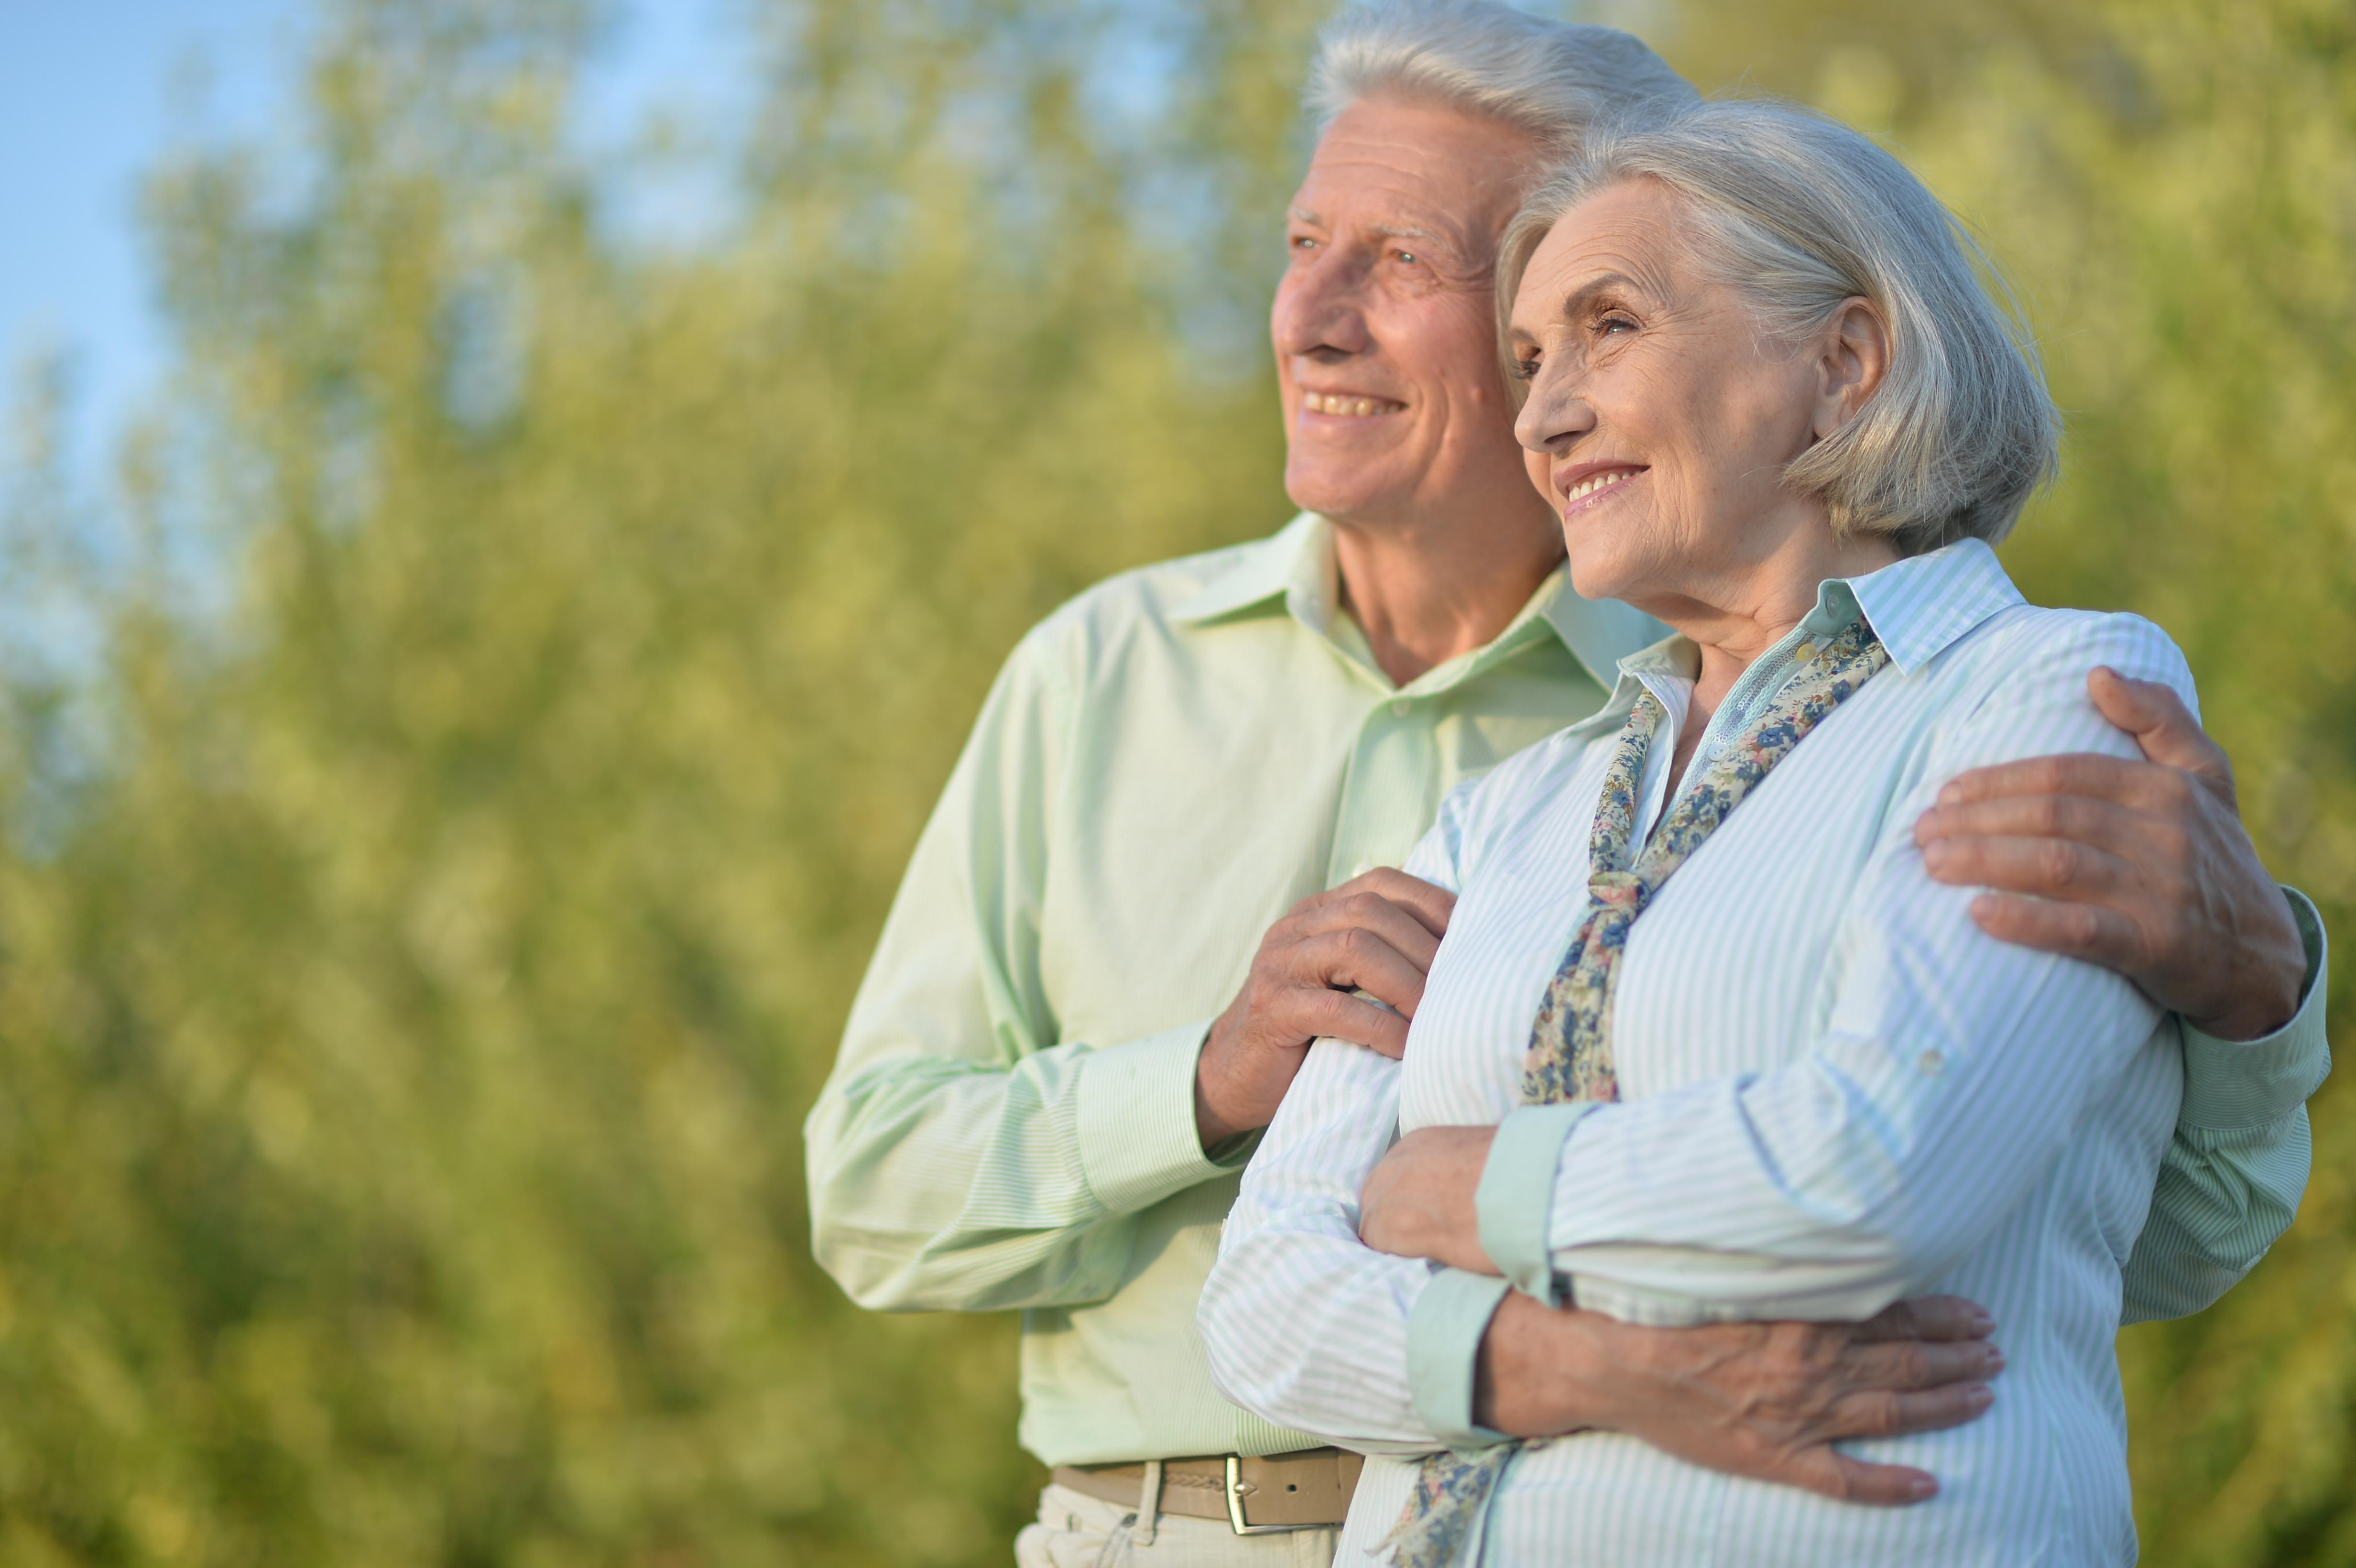 Пенсионеры, которые могут переехать в Германию на ПМЖ